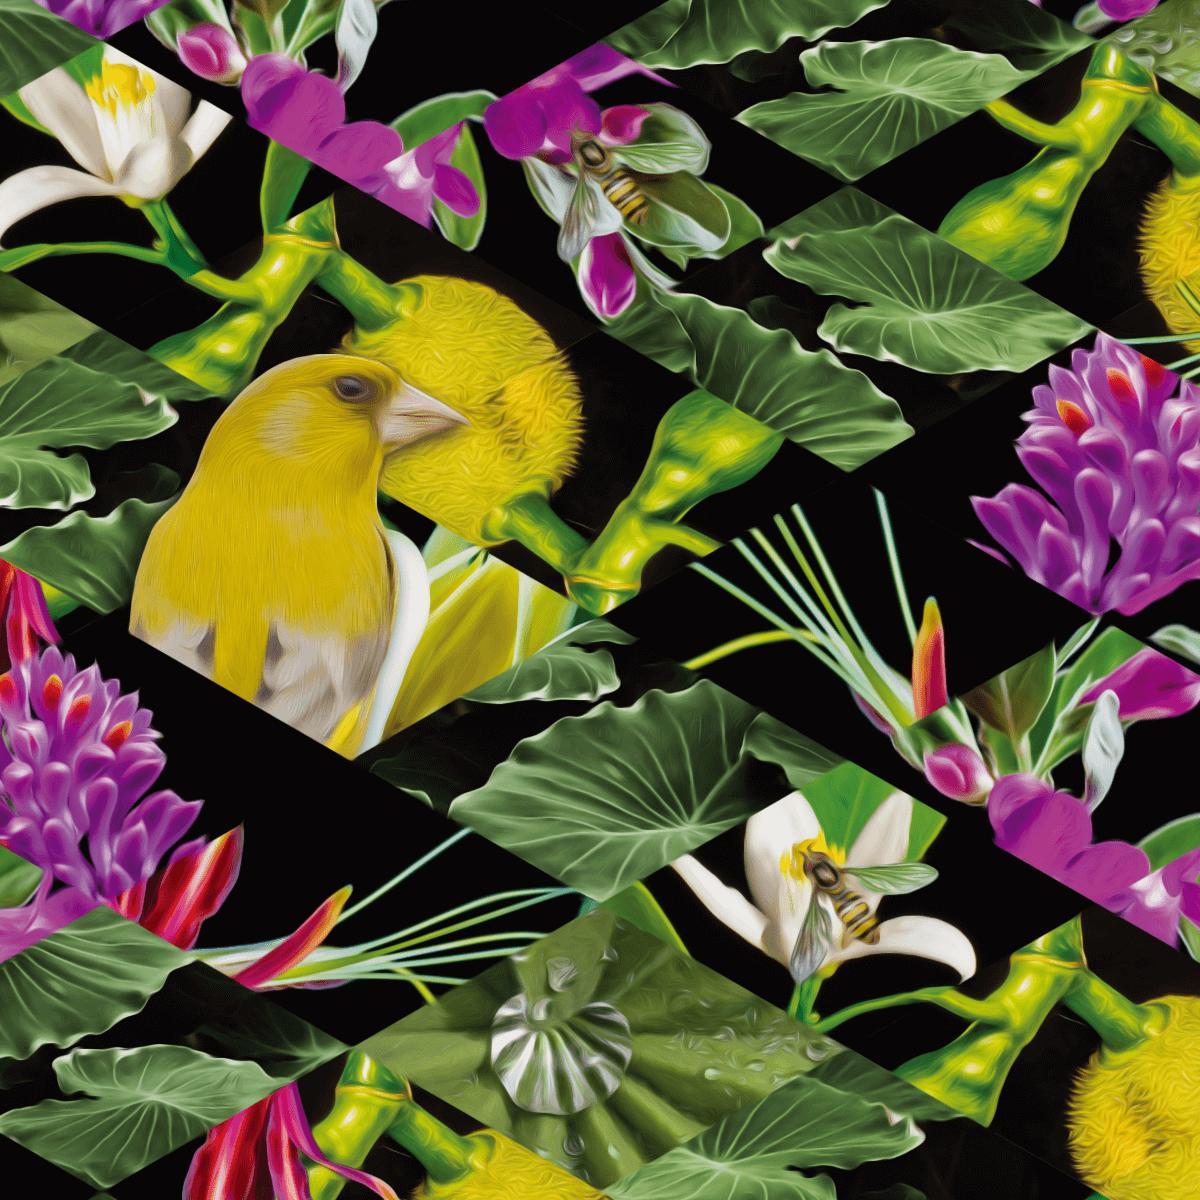 Bird textile